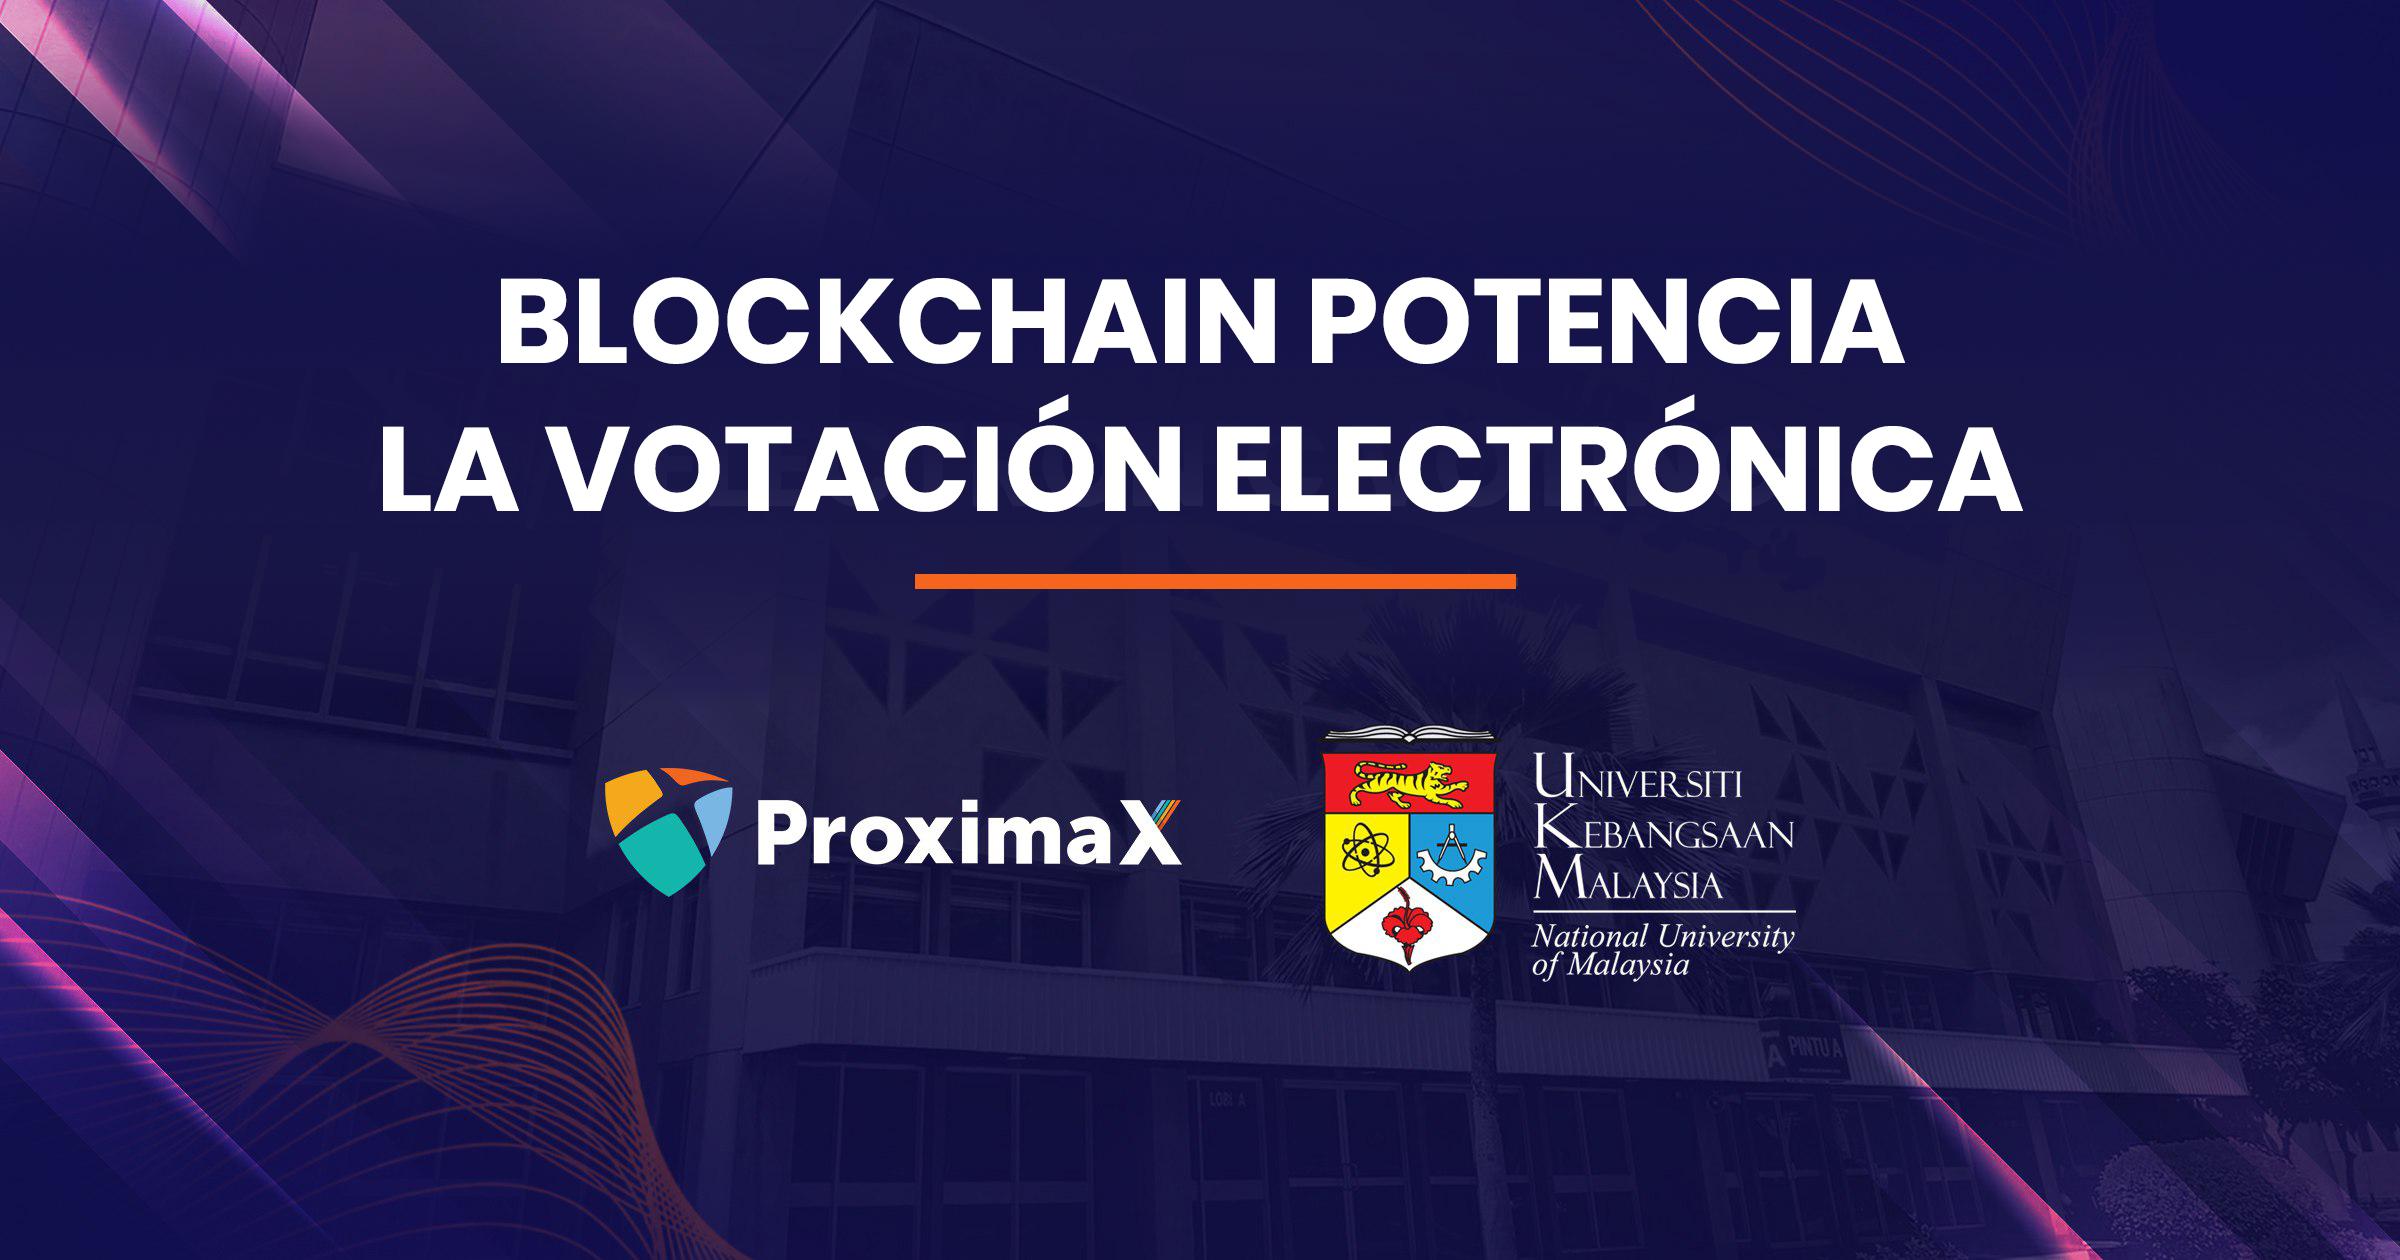 Votación electrónica impulsada por blockchain en la Universidad Nacional de Malasia